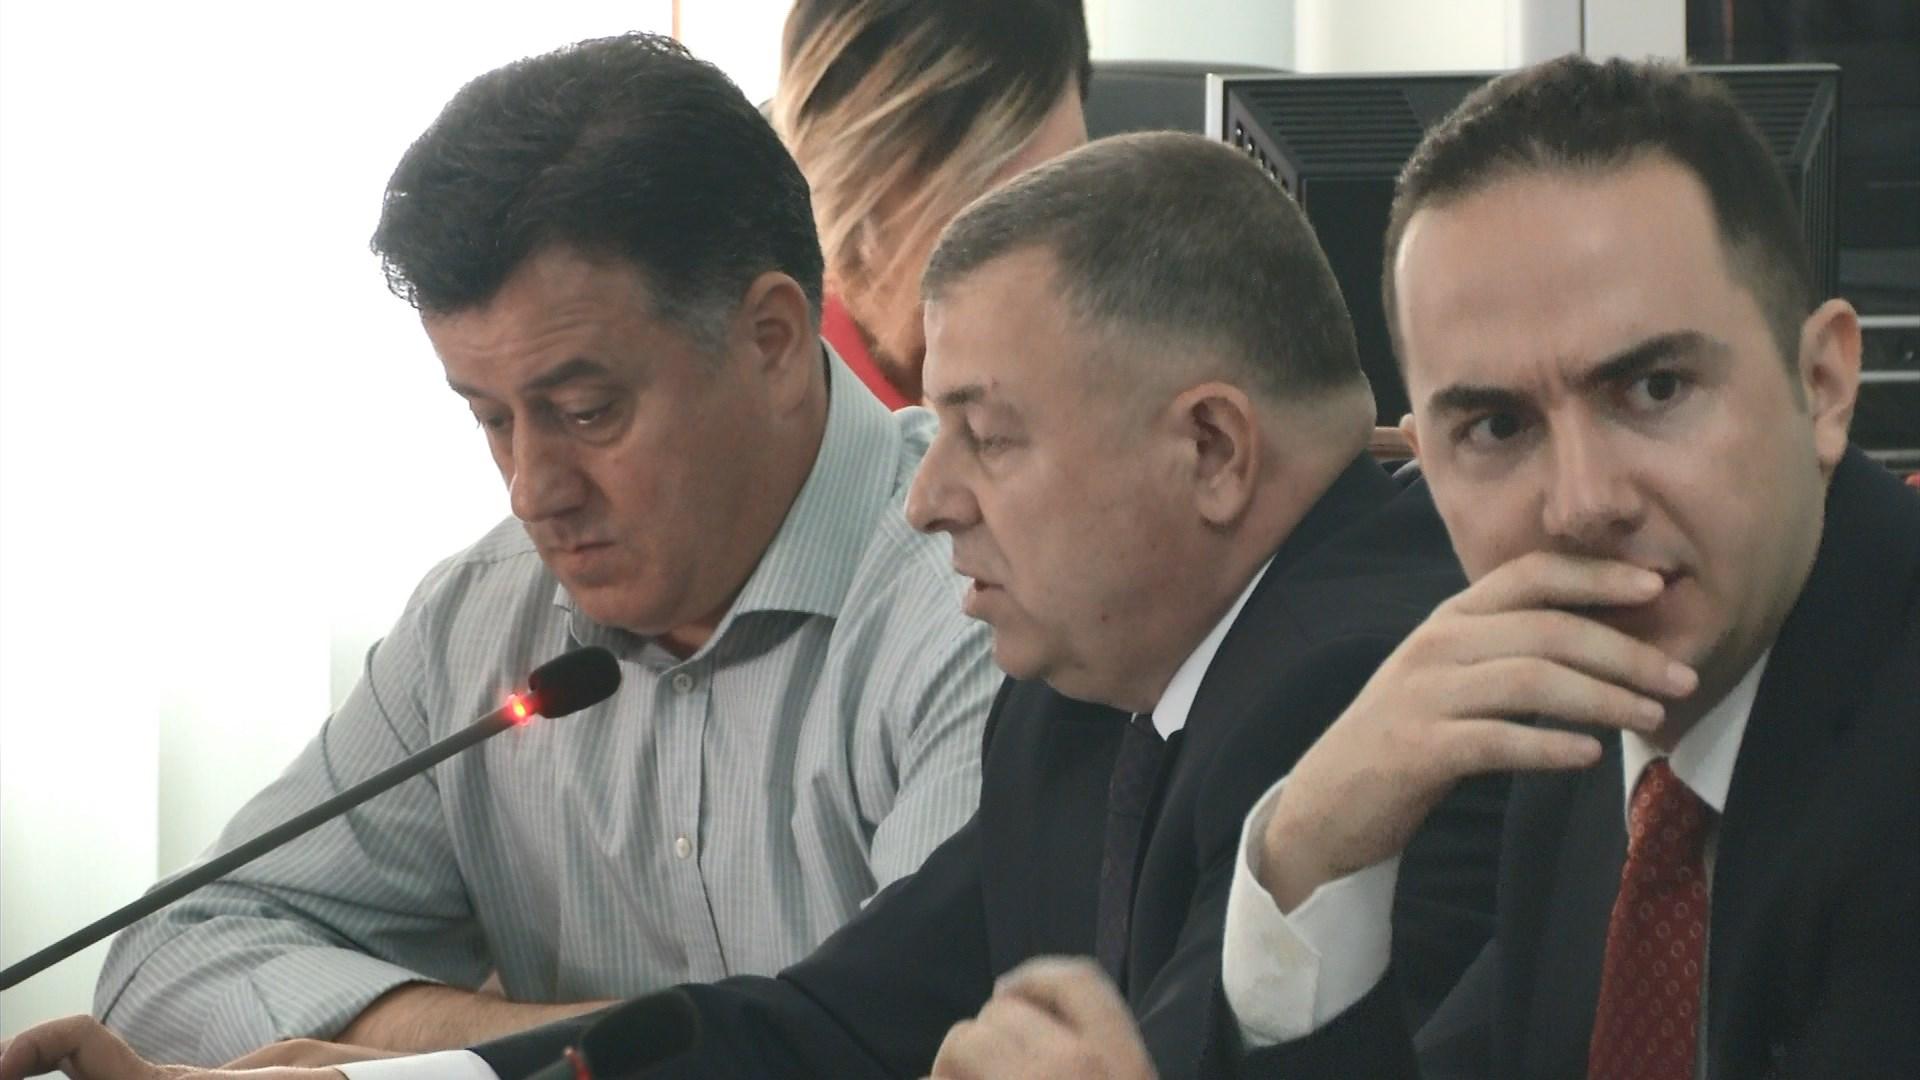 PD në komisionin e sigurisë: Qeveria po përgatit pranimin e emigrantëve sirianë